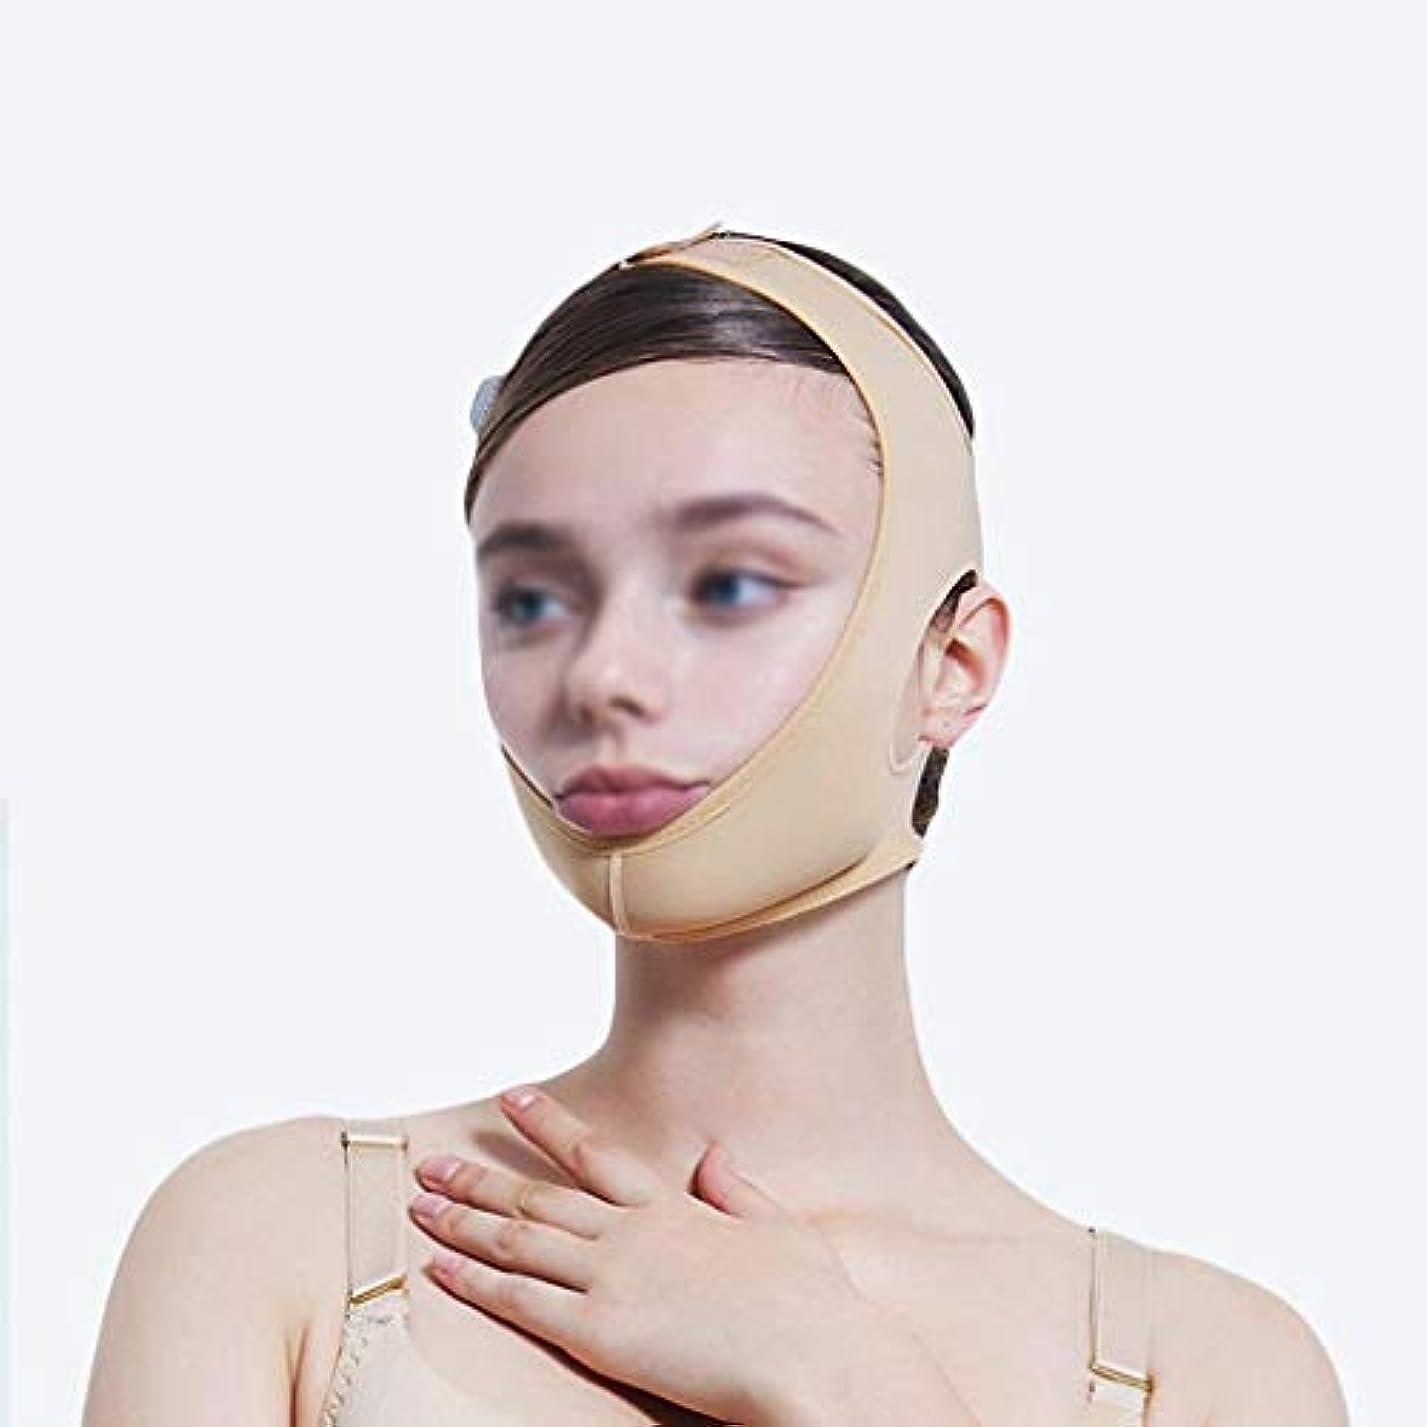 オーバーフロー小包いたずらフェイシャルライン、頬、しわ防止フェイシャル減量、フェイスバンド、フェイスマスク、フェイスリフティング、通気性、ダブルチンストラップ(サイズ:XXL),XXL